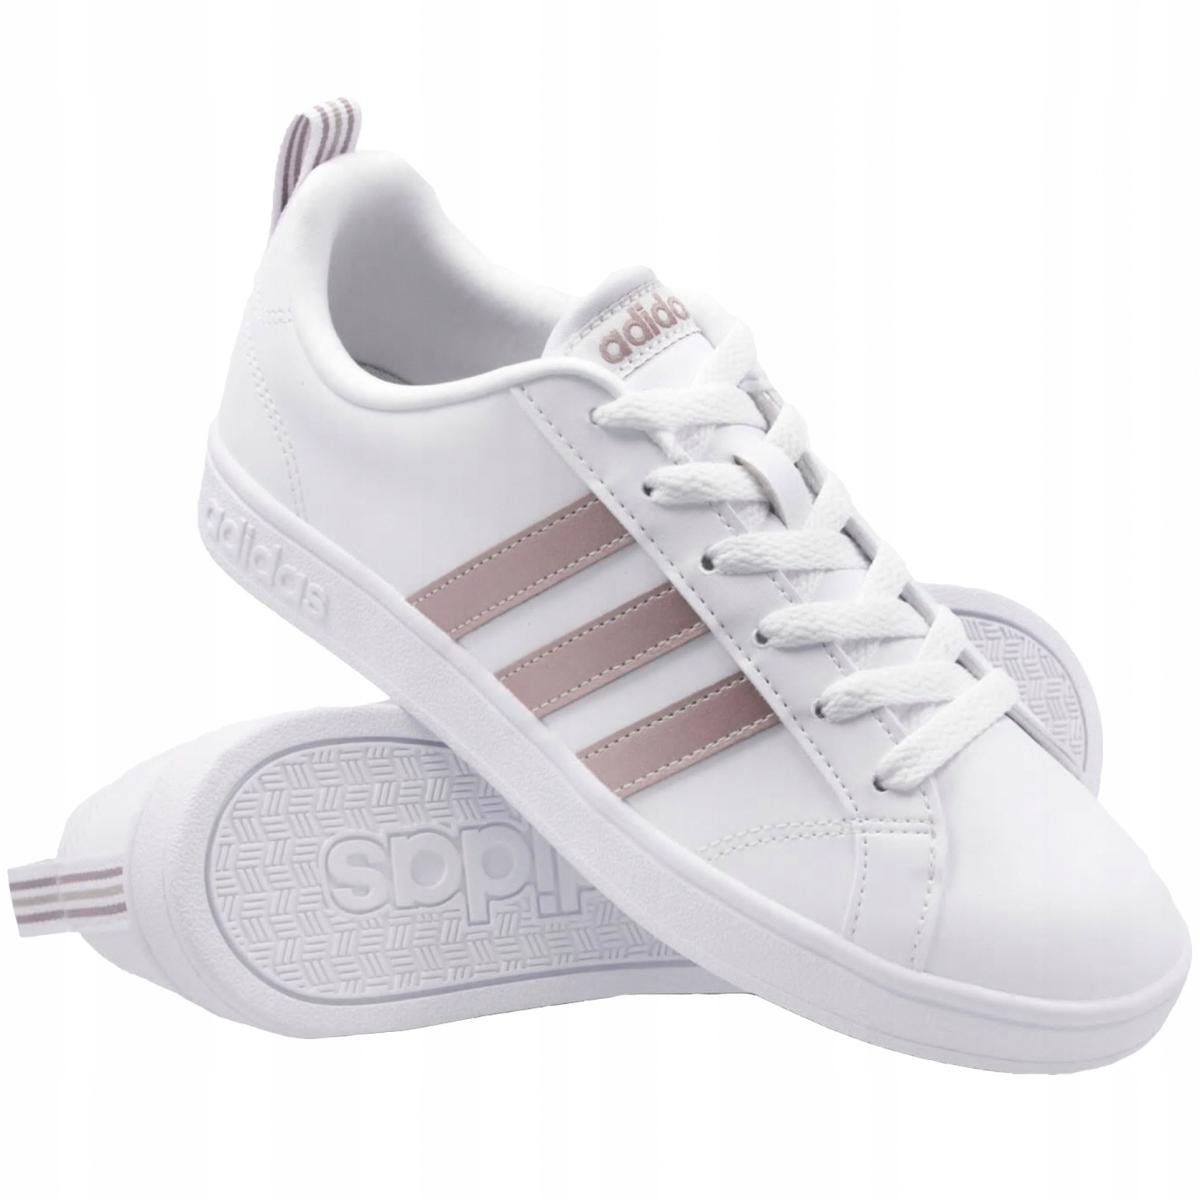 Adidas buty damskie sportowe białe klasyczne 36